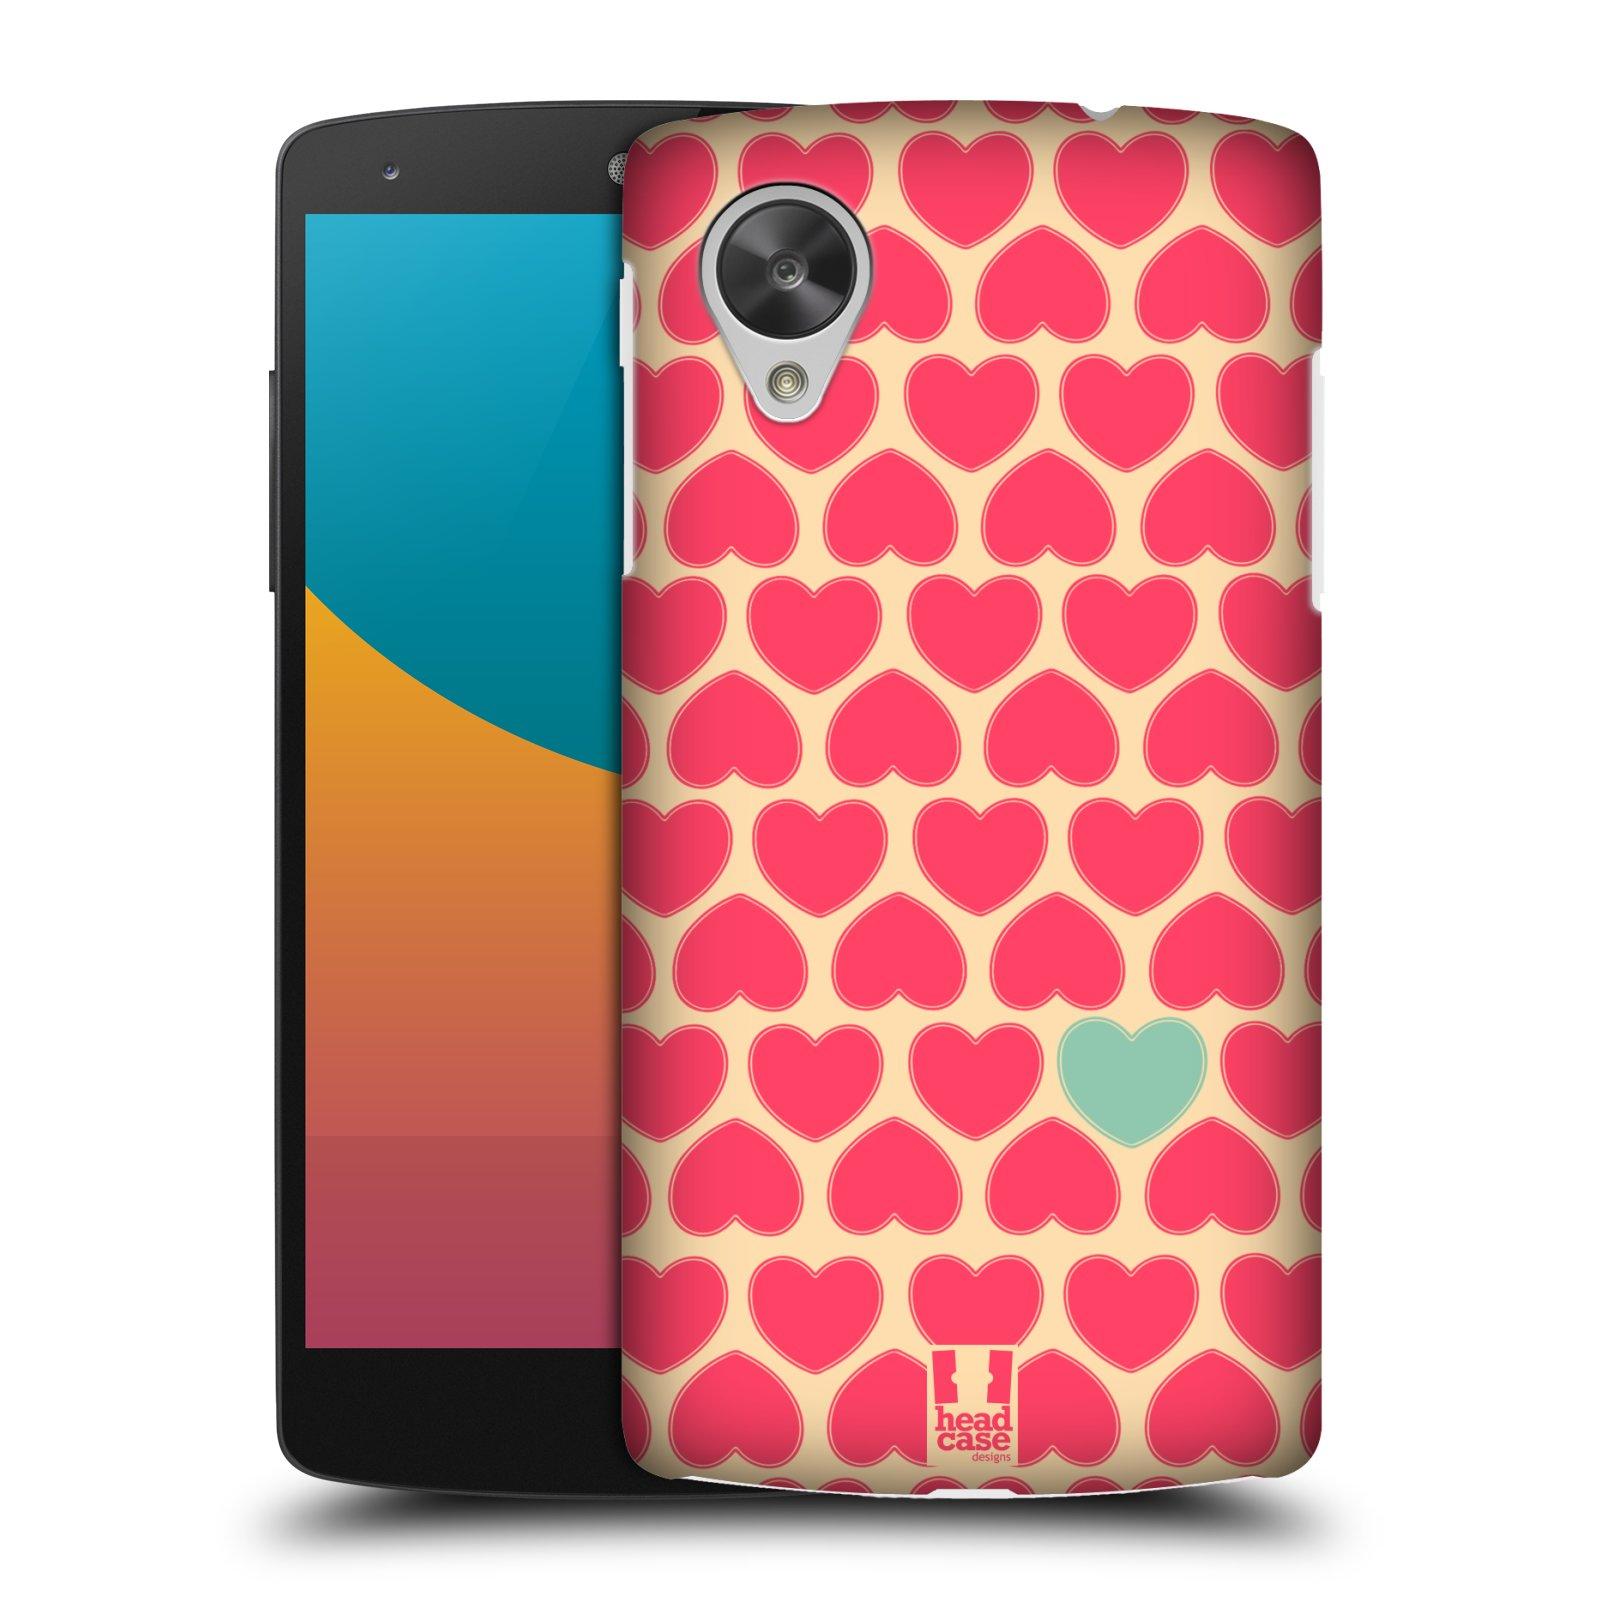 Plastové pouzdro na mobil LG Nexus 5 HEAD CASE SRDÍČKA RŮŽOVÁ (Kryt či obal na mobilní telefon LG Google Nexus 5 D821)